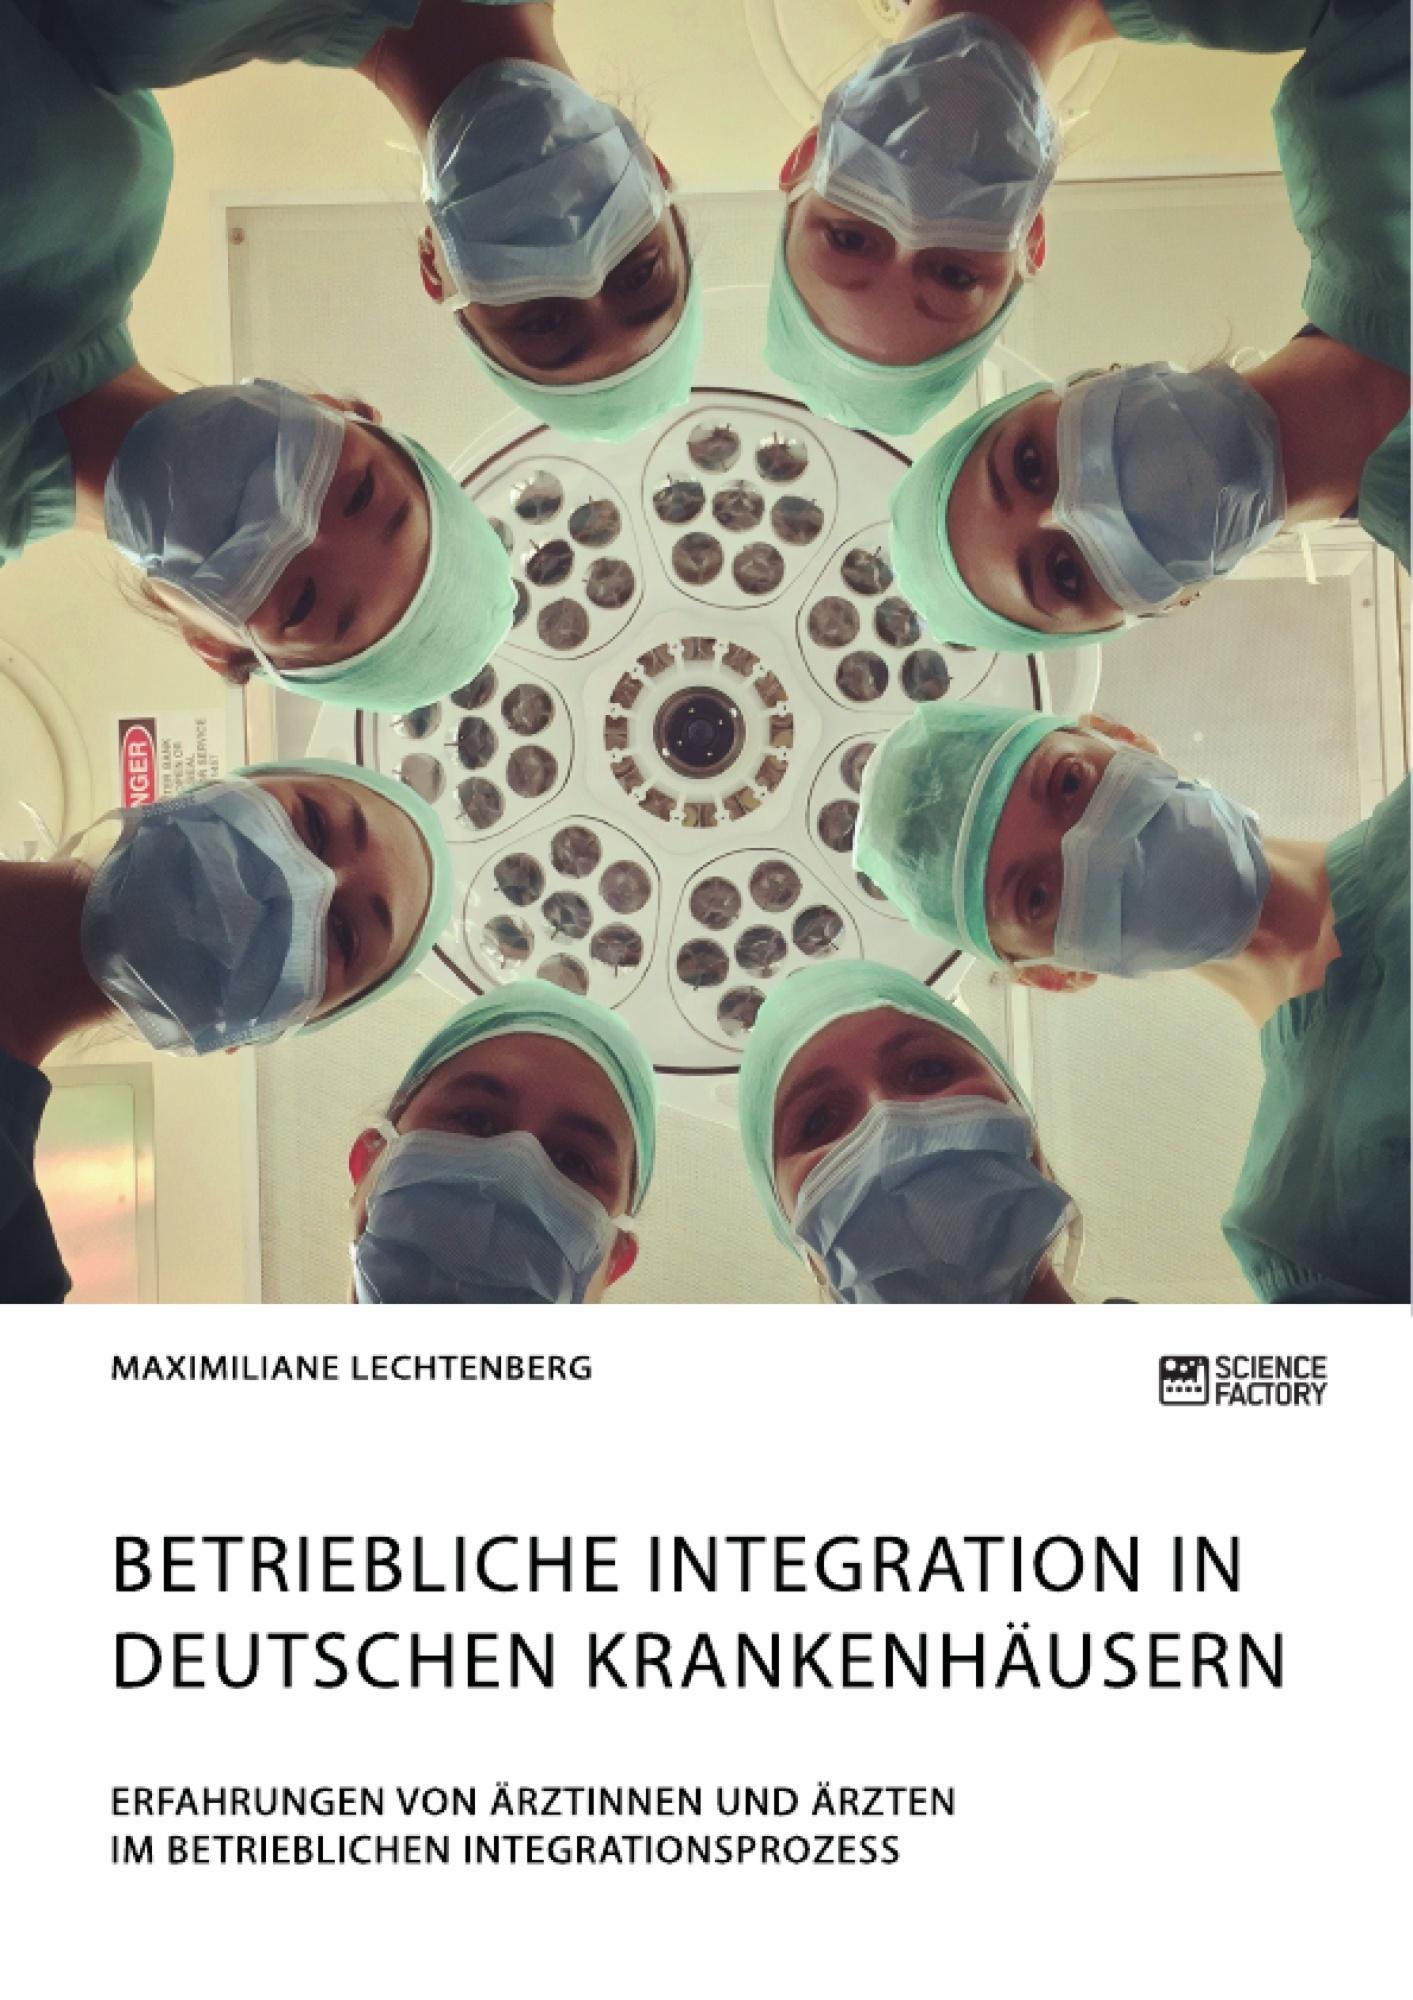 Titel: Betriebliche Integration in deutschen Krankenhäusern. Erfahrungen von Ärztinnen und Ärzten im betrieblichen Integrationsprozess